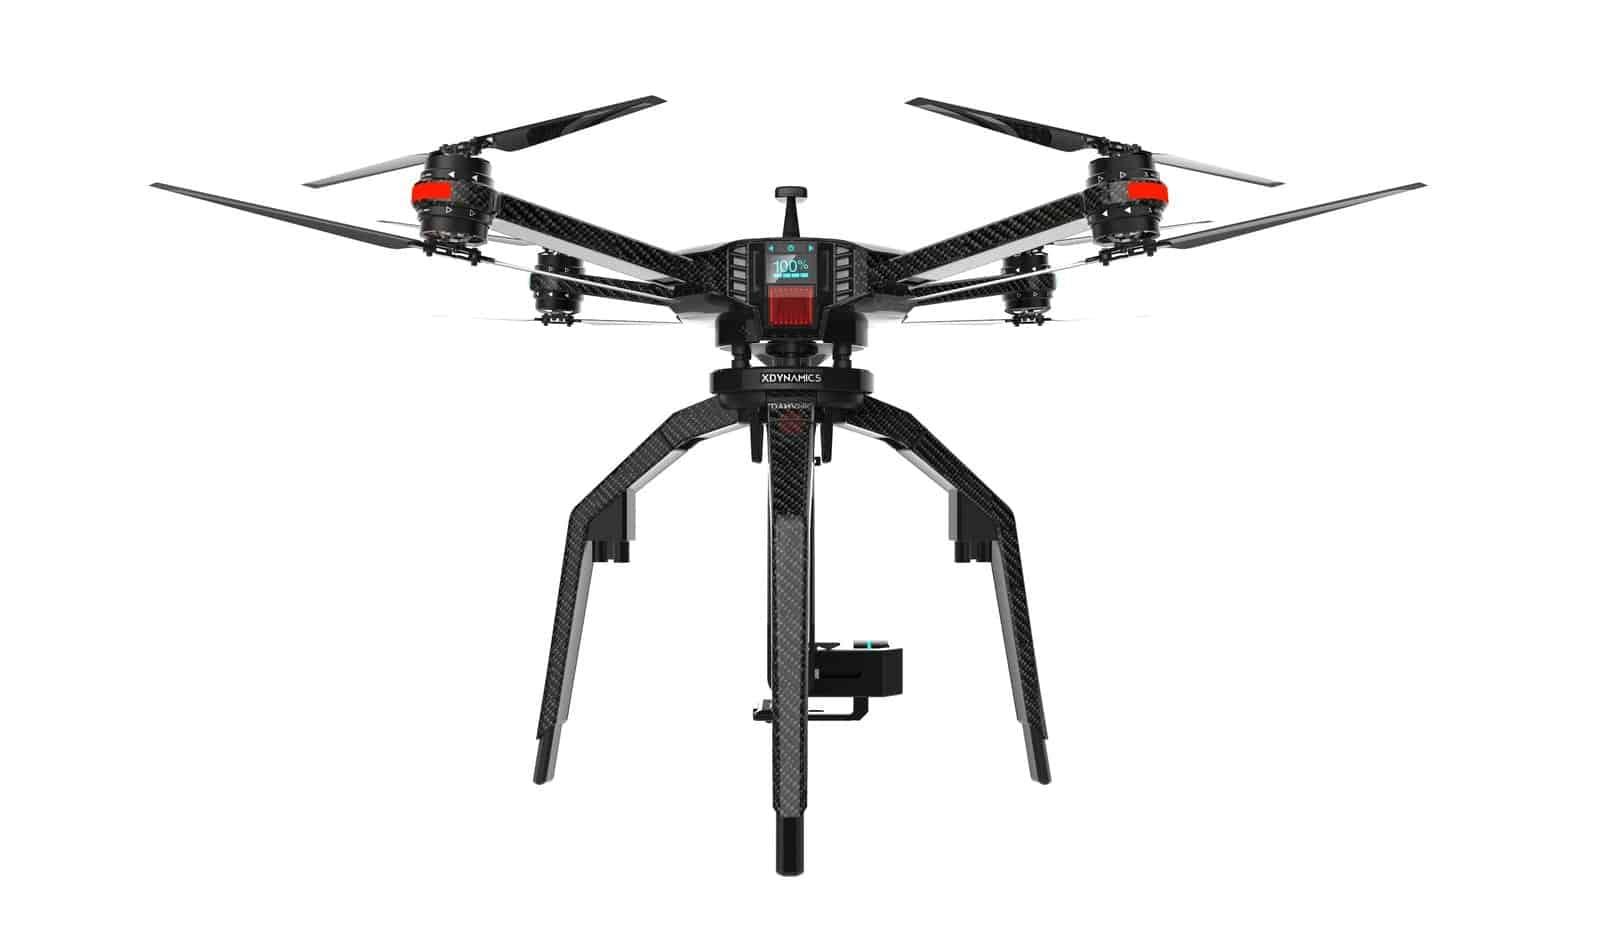 Xdynamics D 02 Drone